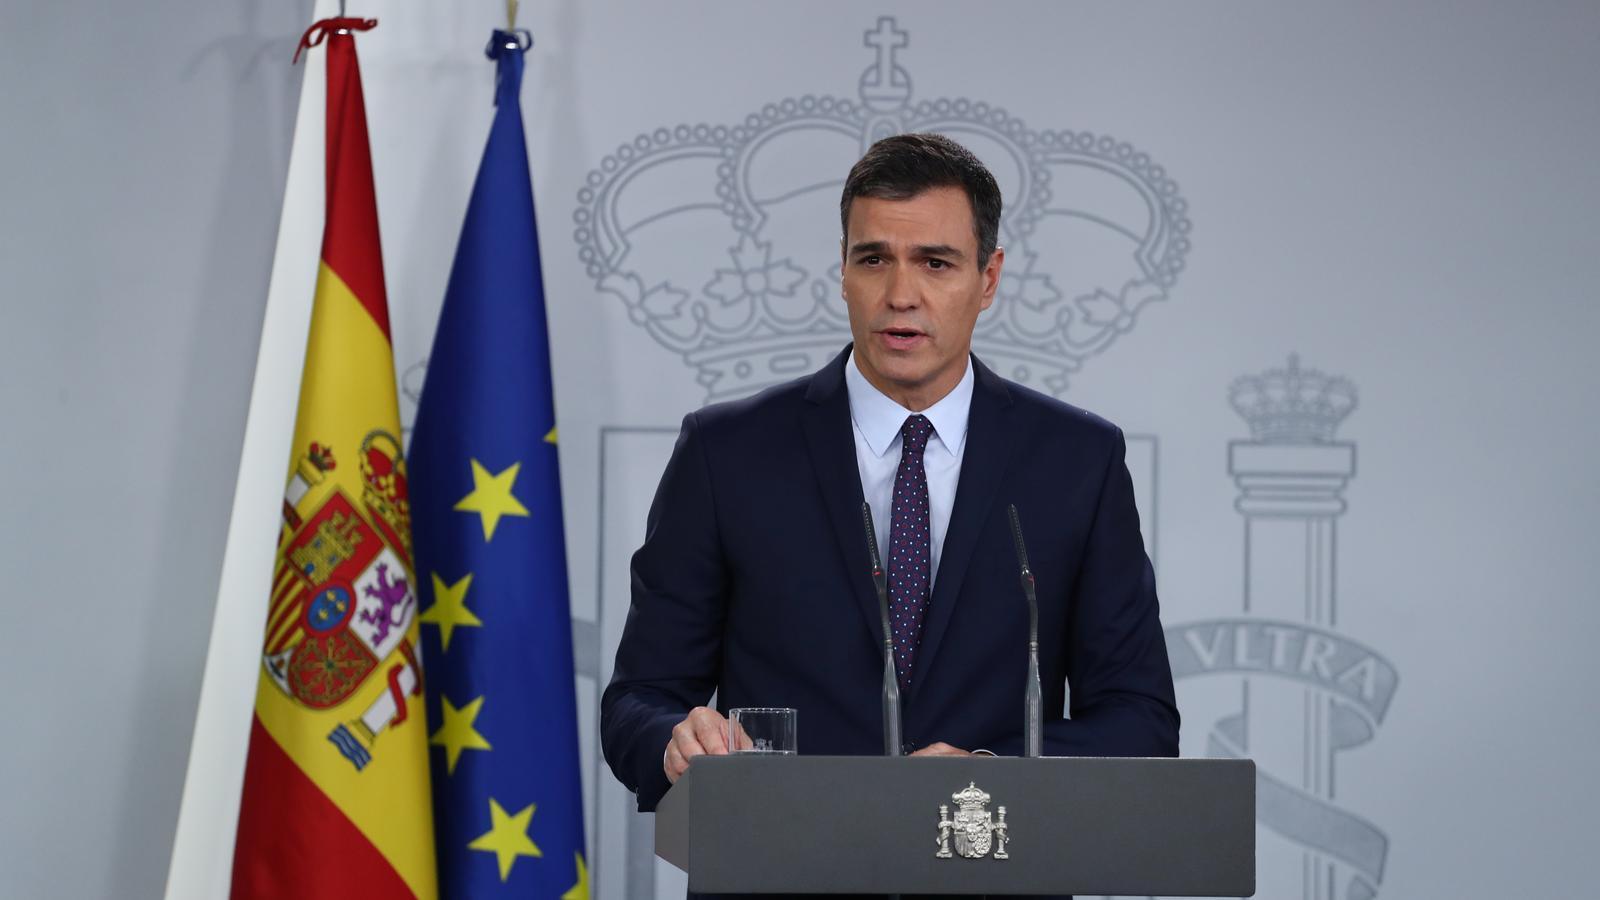 EN DIRECTE | Sánchez fa balanç de l'any 2020 després de l'última reunió del Consell de Ministres